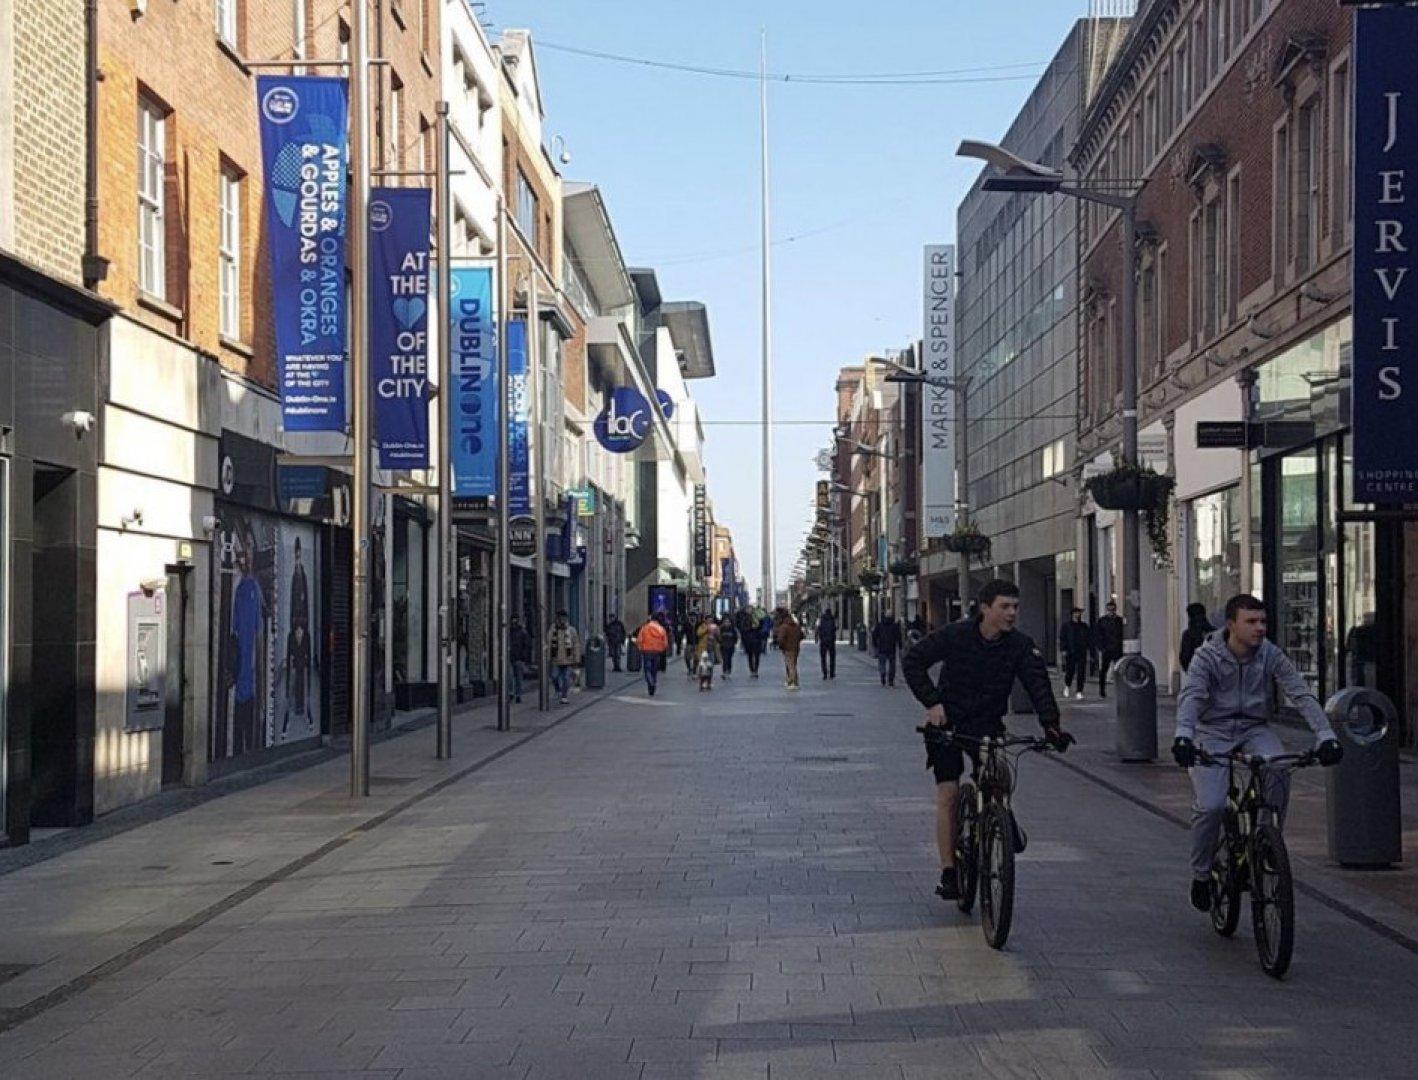 Паника сред жителите на Дъблин няма, но те трябва да спазват някои ограничения заради корона вируса. Лора Димитрова